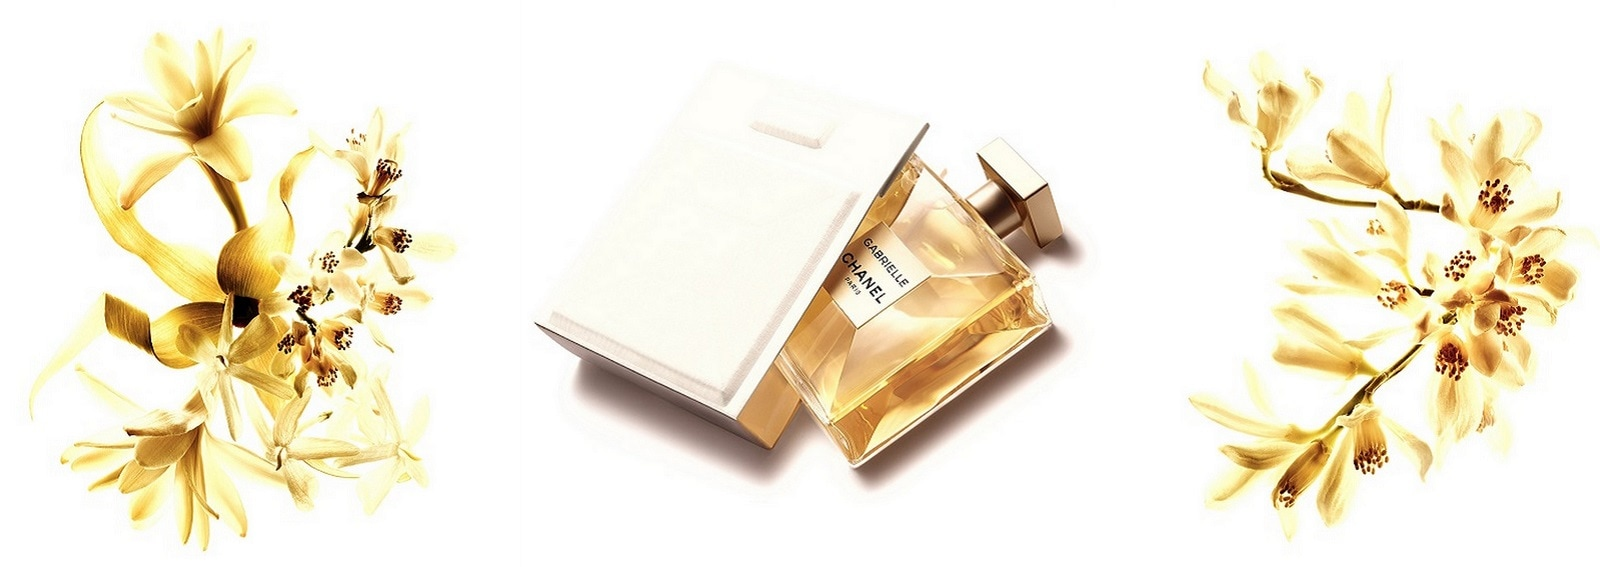 cover-gabrielle-chanel-profumo-note-olfattive-desktop